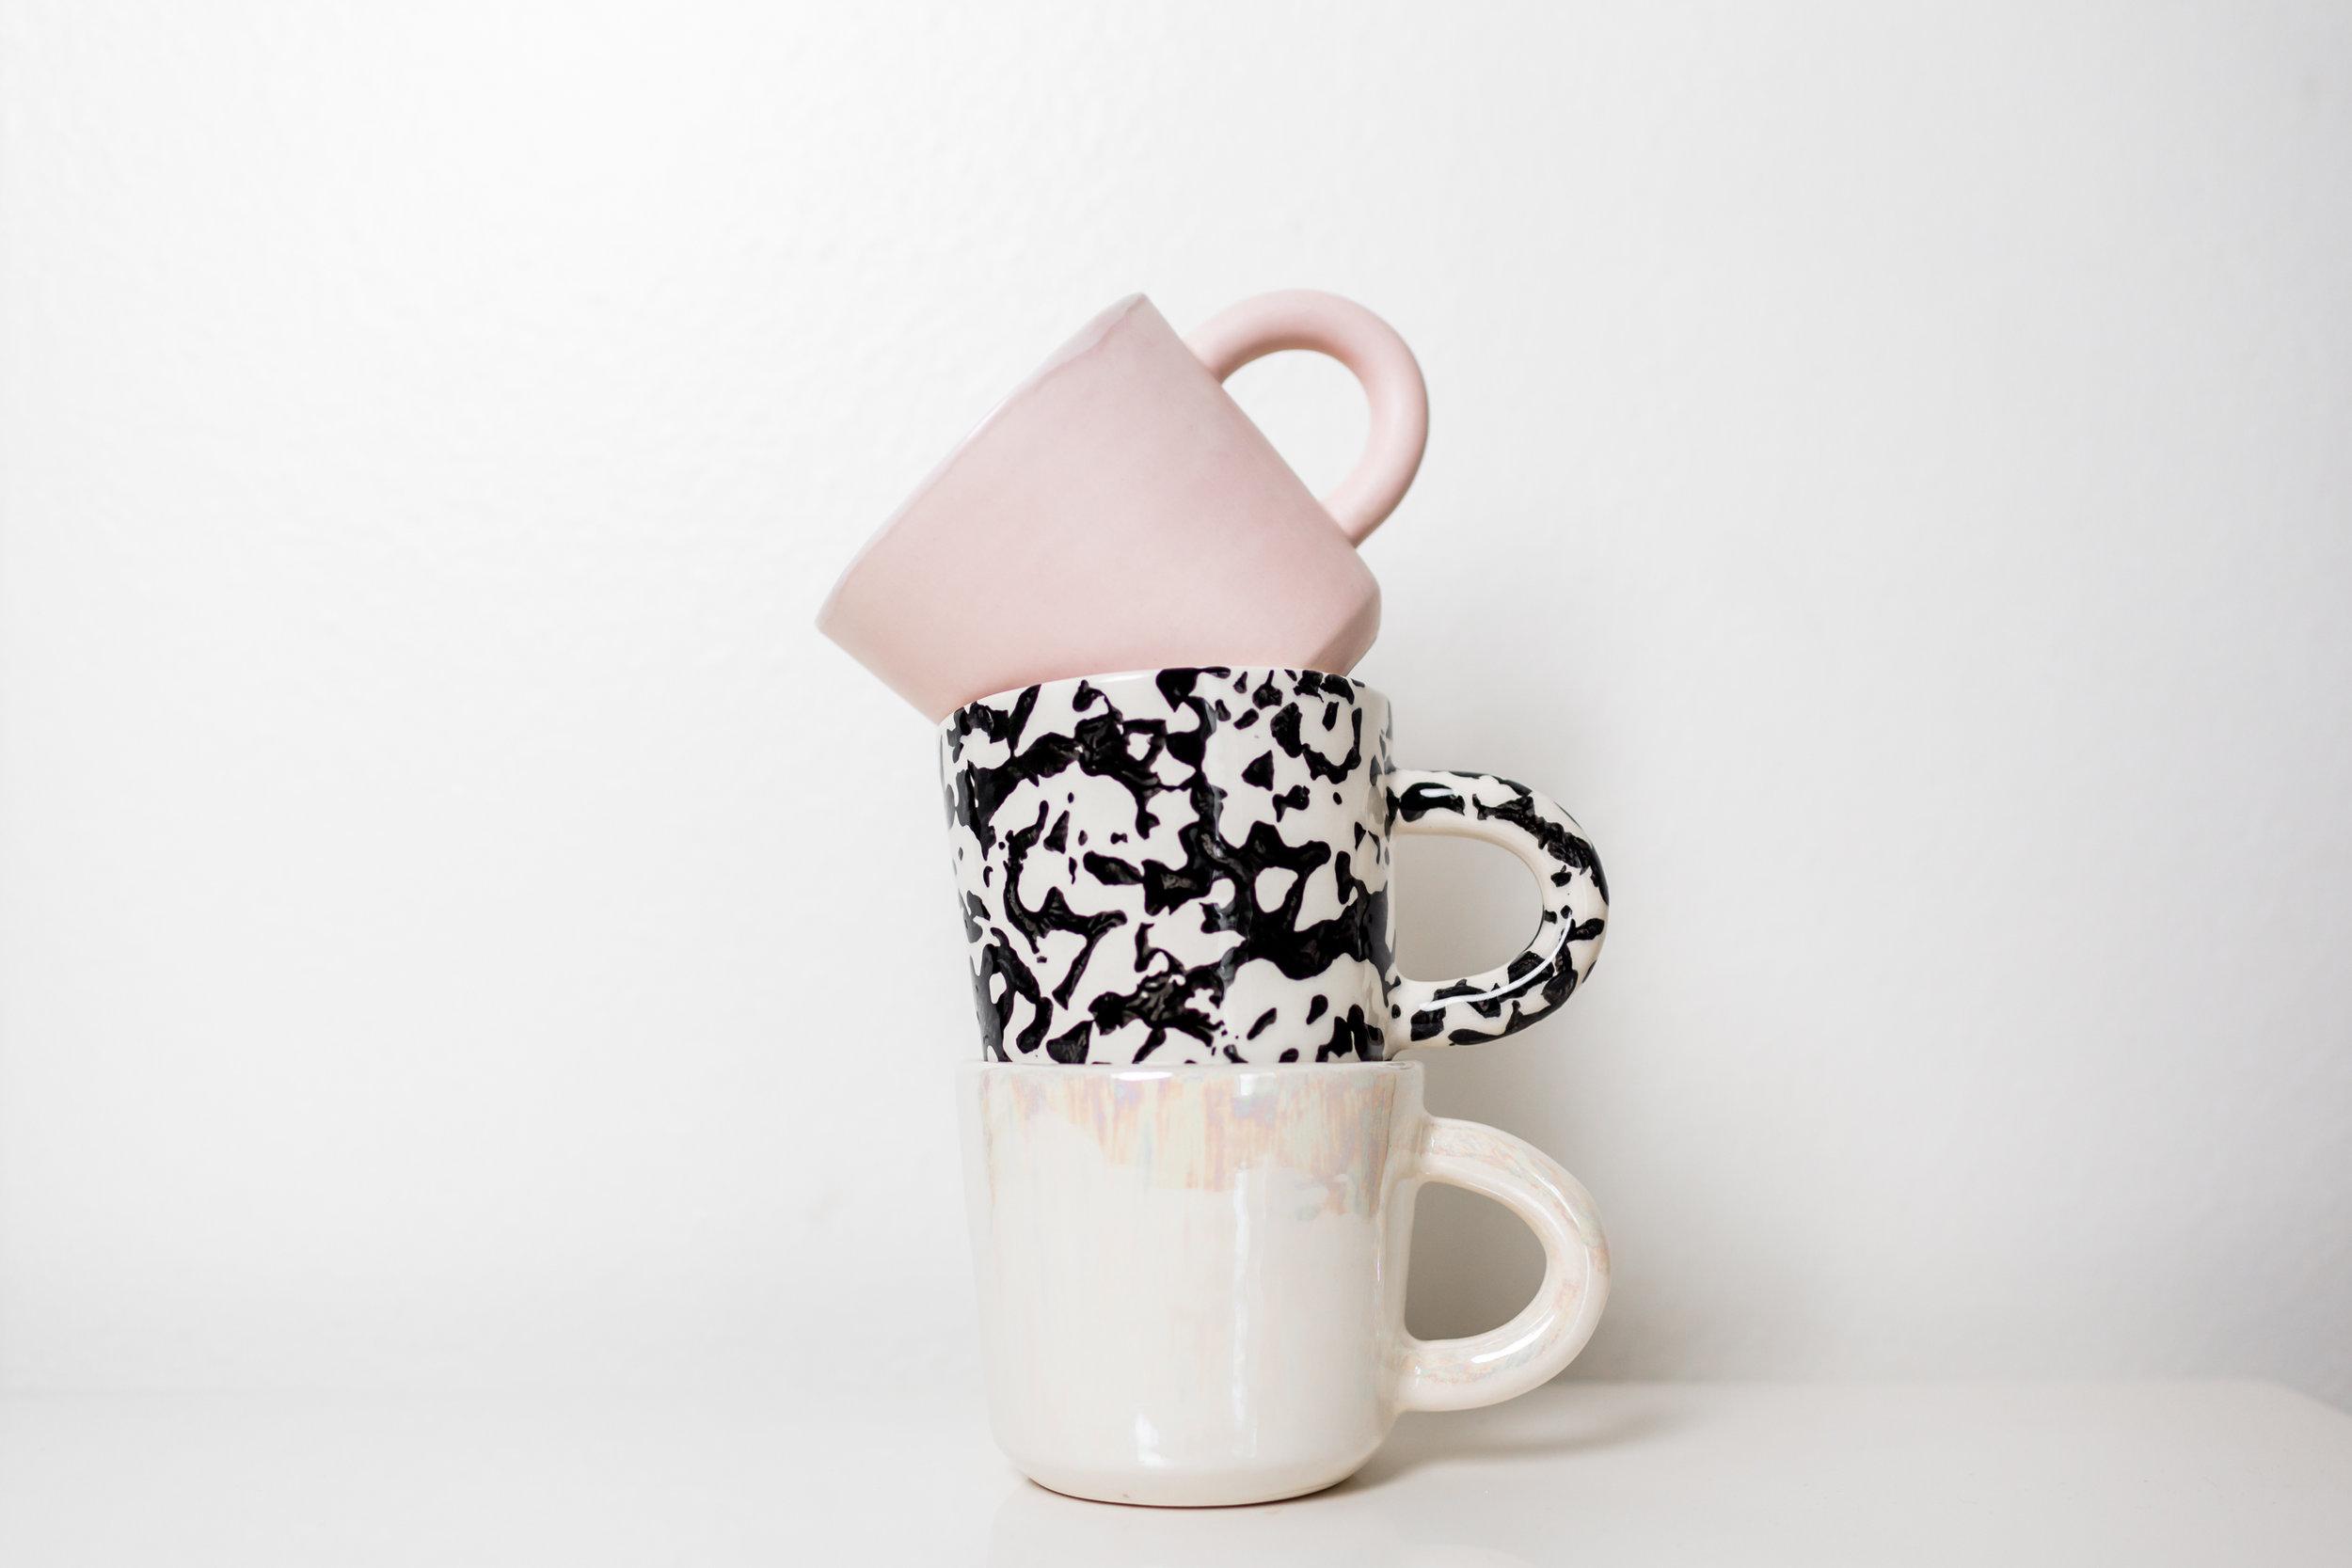 Mugs - $32-34